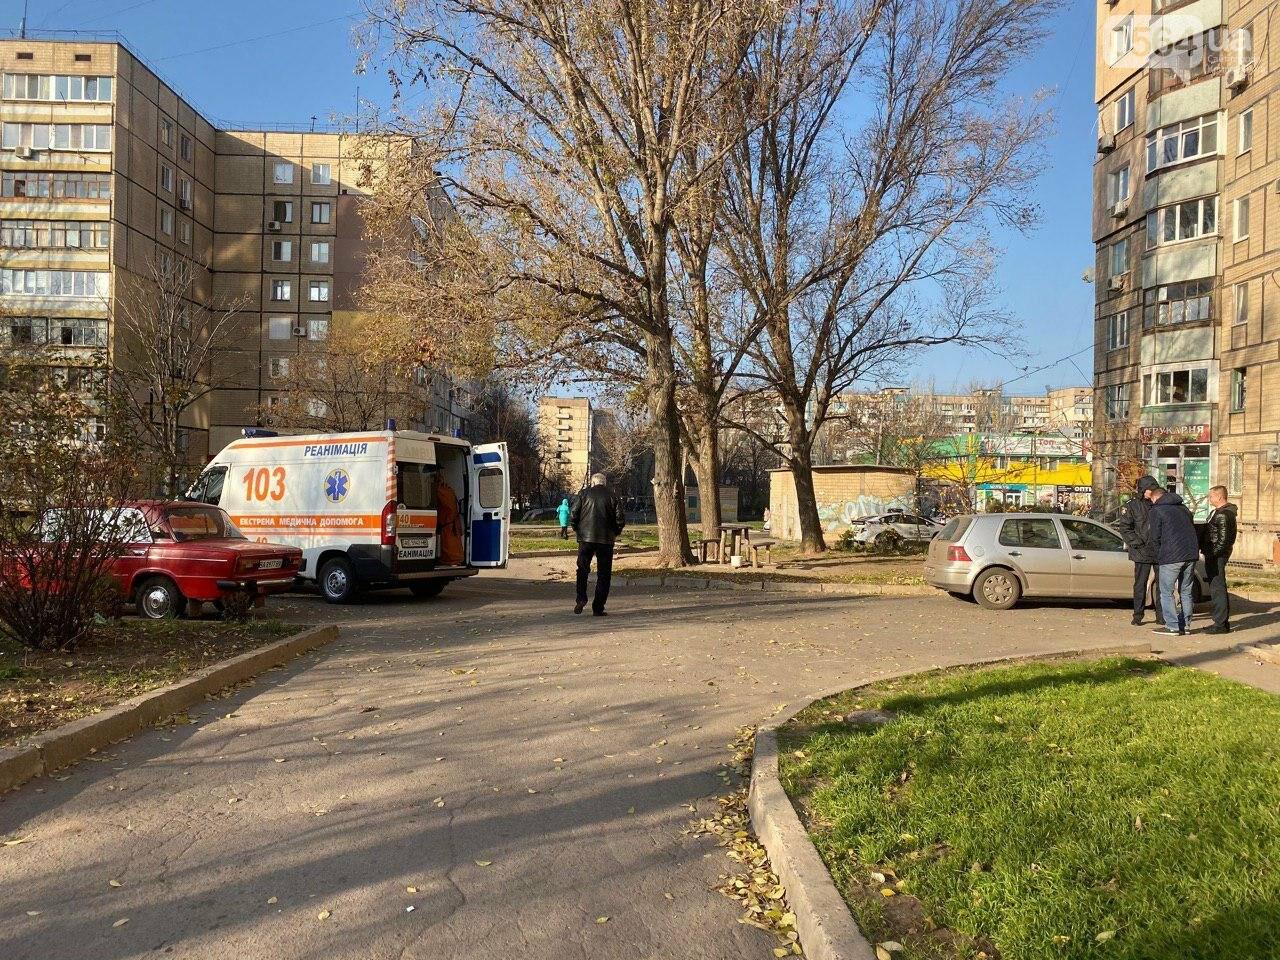 В Кривом Роге из окна 11 этажа выпал мужчина, - ФОТО 18+, фото-8